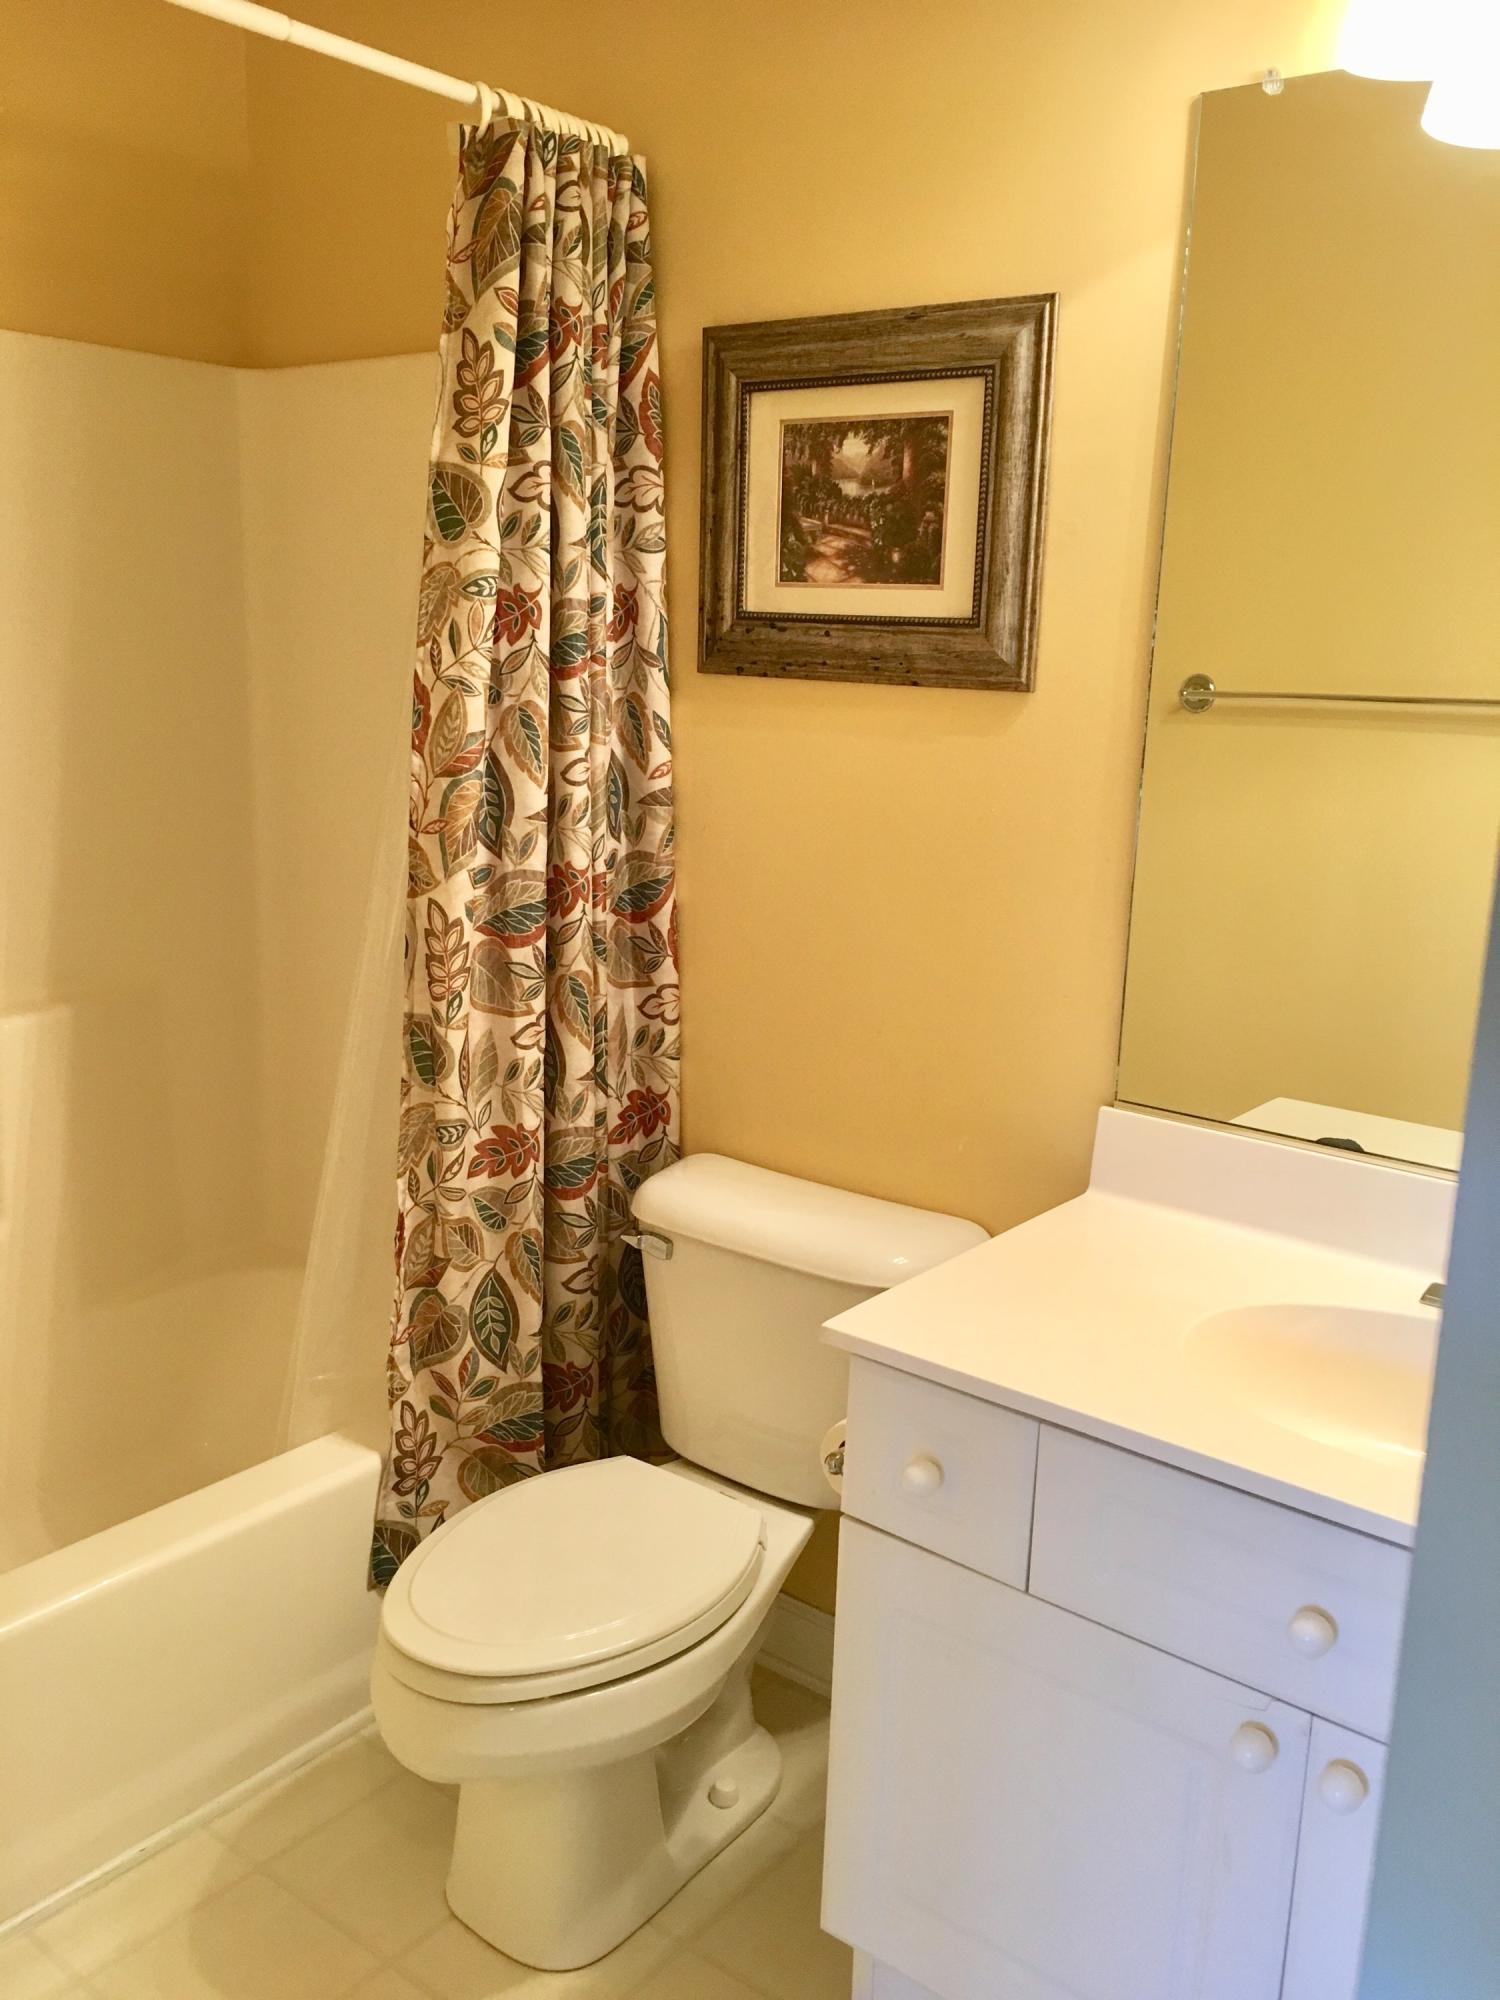 Dunes West Homes For Sale - 1468 Ellington Woods, Mount Pleasant, SC - 24